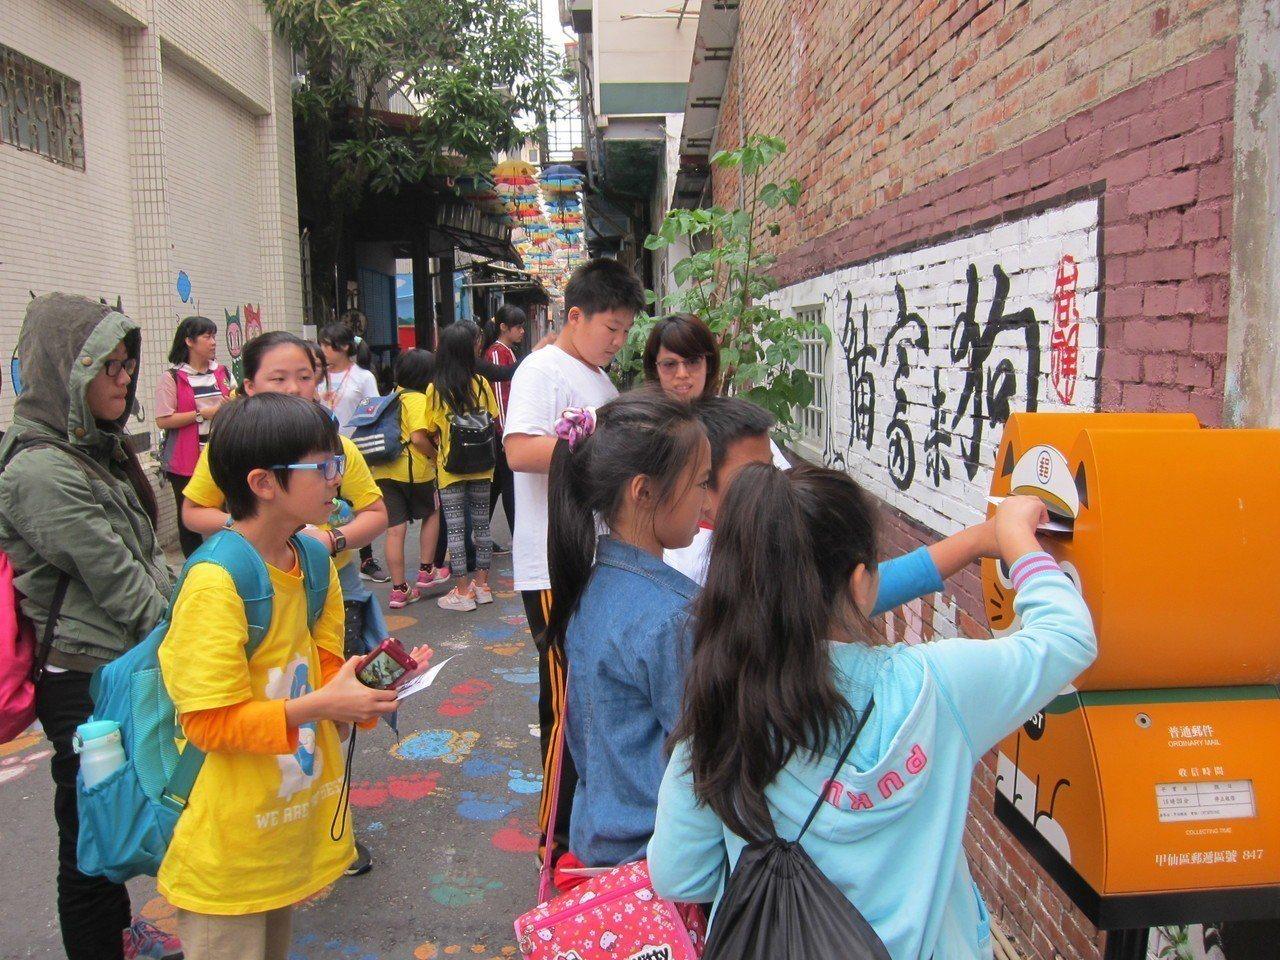 學童參觀甲仙貓巷,並寄出手作紀念明信片。記者徐白櫻/翻攝